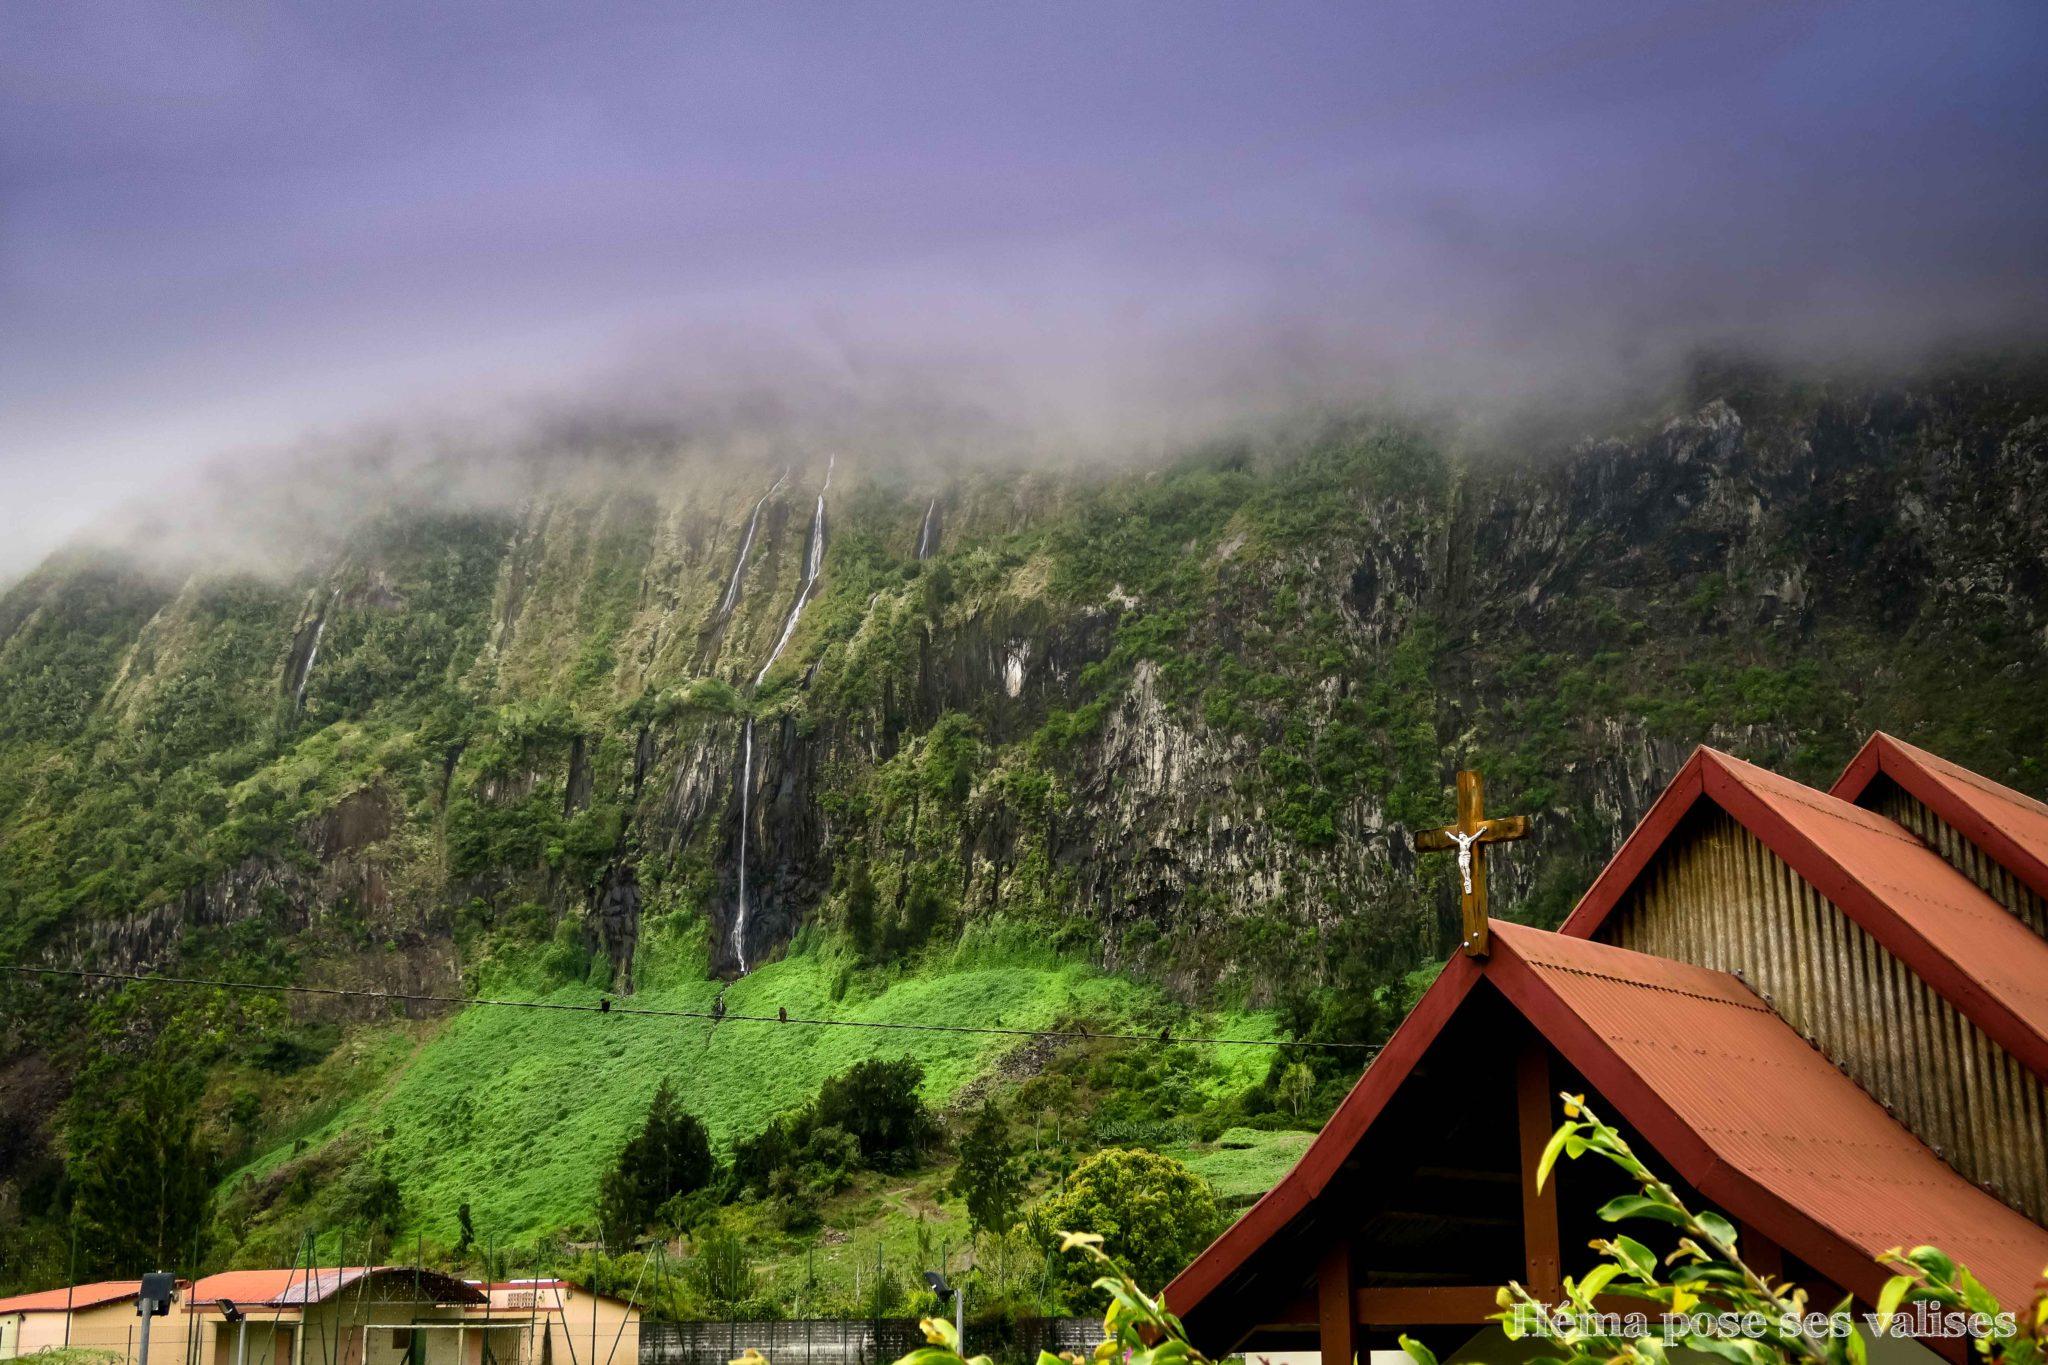 Vue sur la cascade La Voile de la Mariée depuis les villages du cirque de Salazie à La Réunion